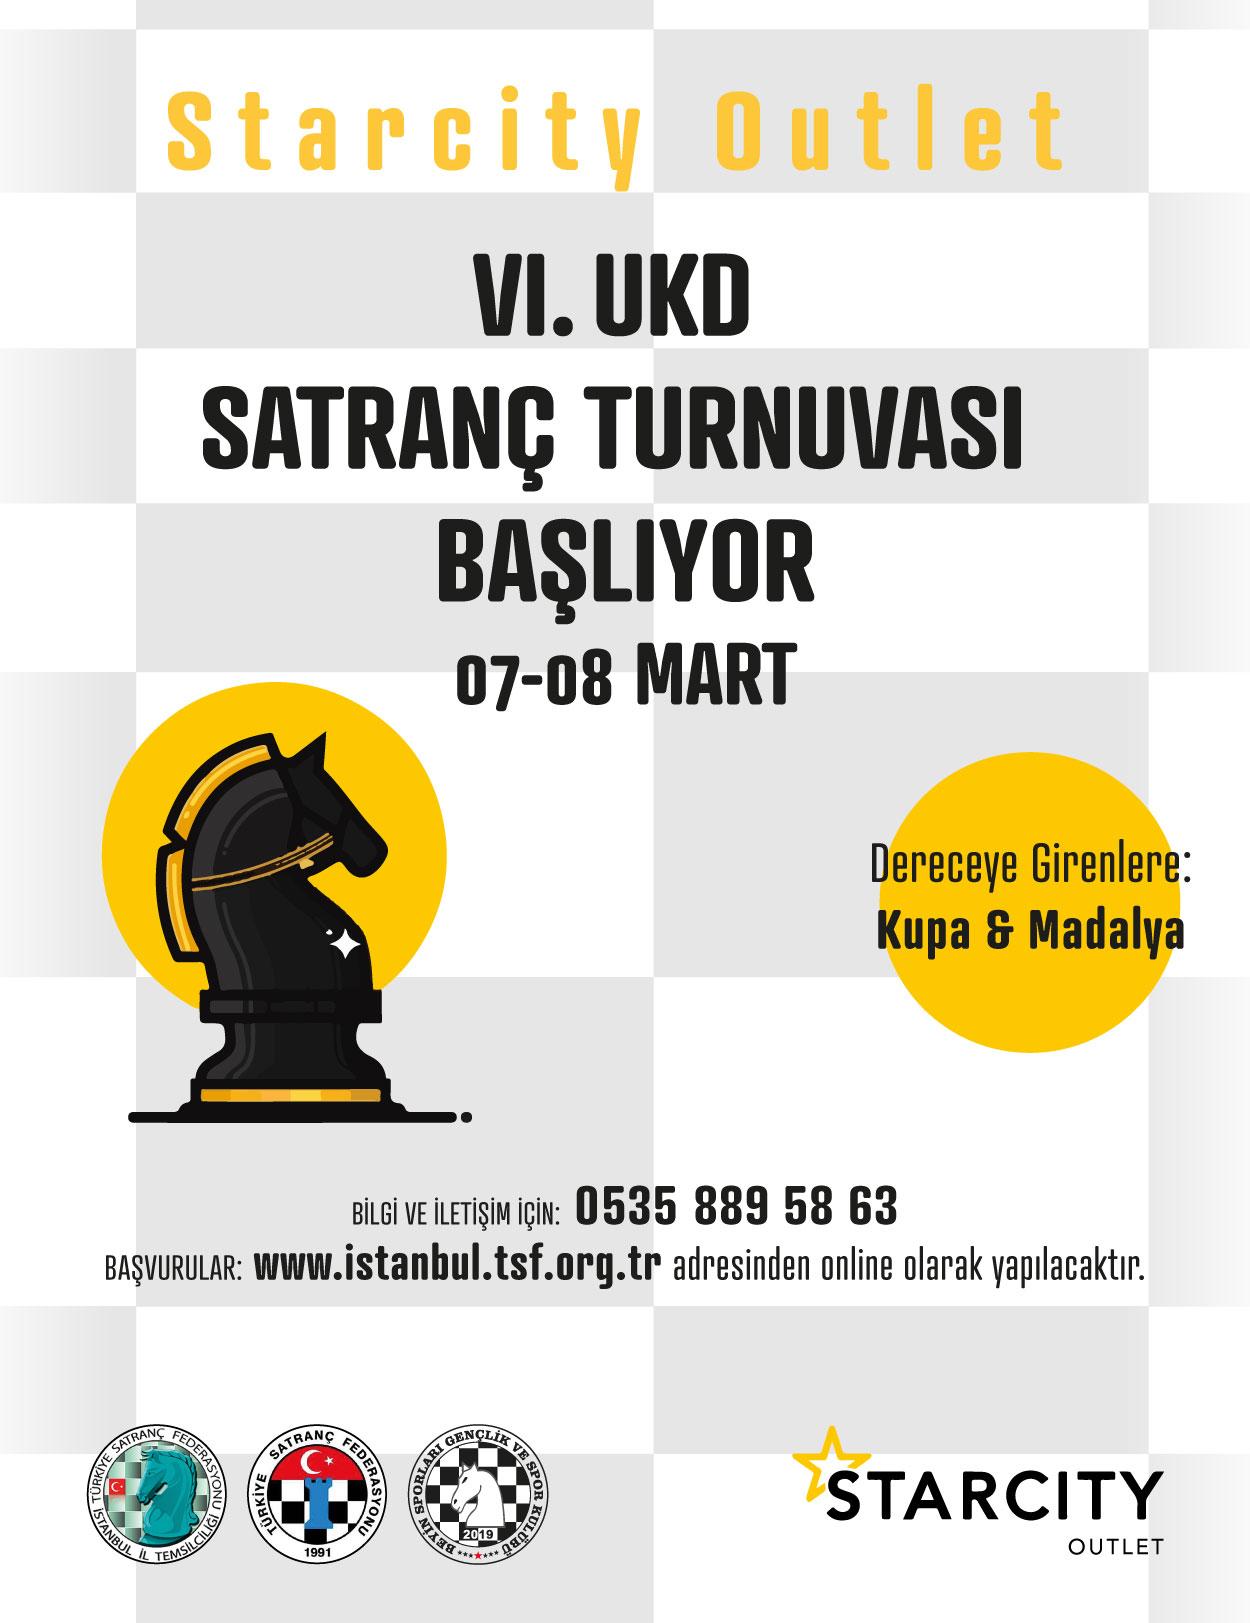 Starcity Outlet Satranç Kulübü VI. UKD Satranç Turnuvası